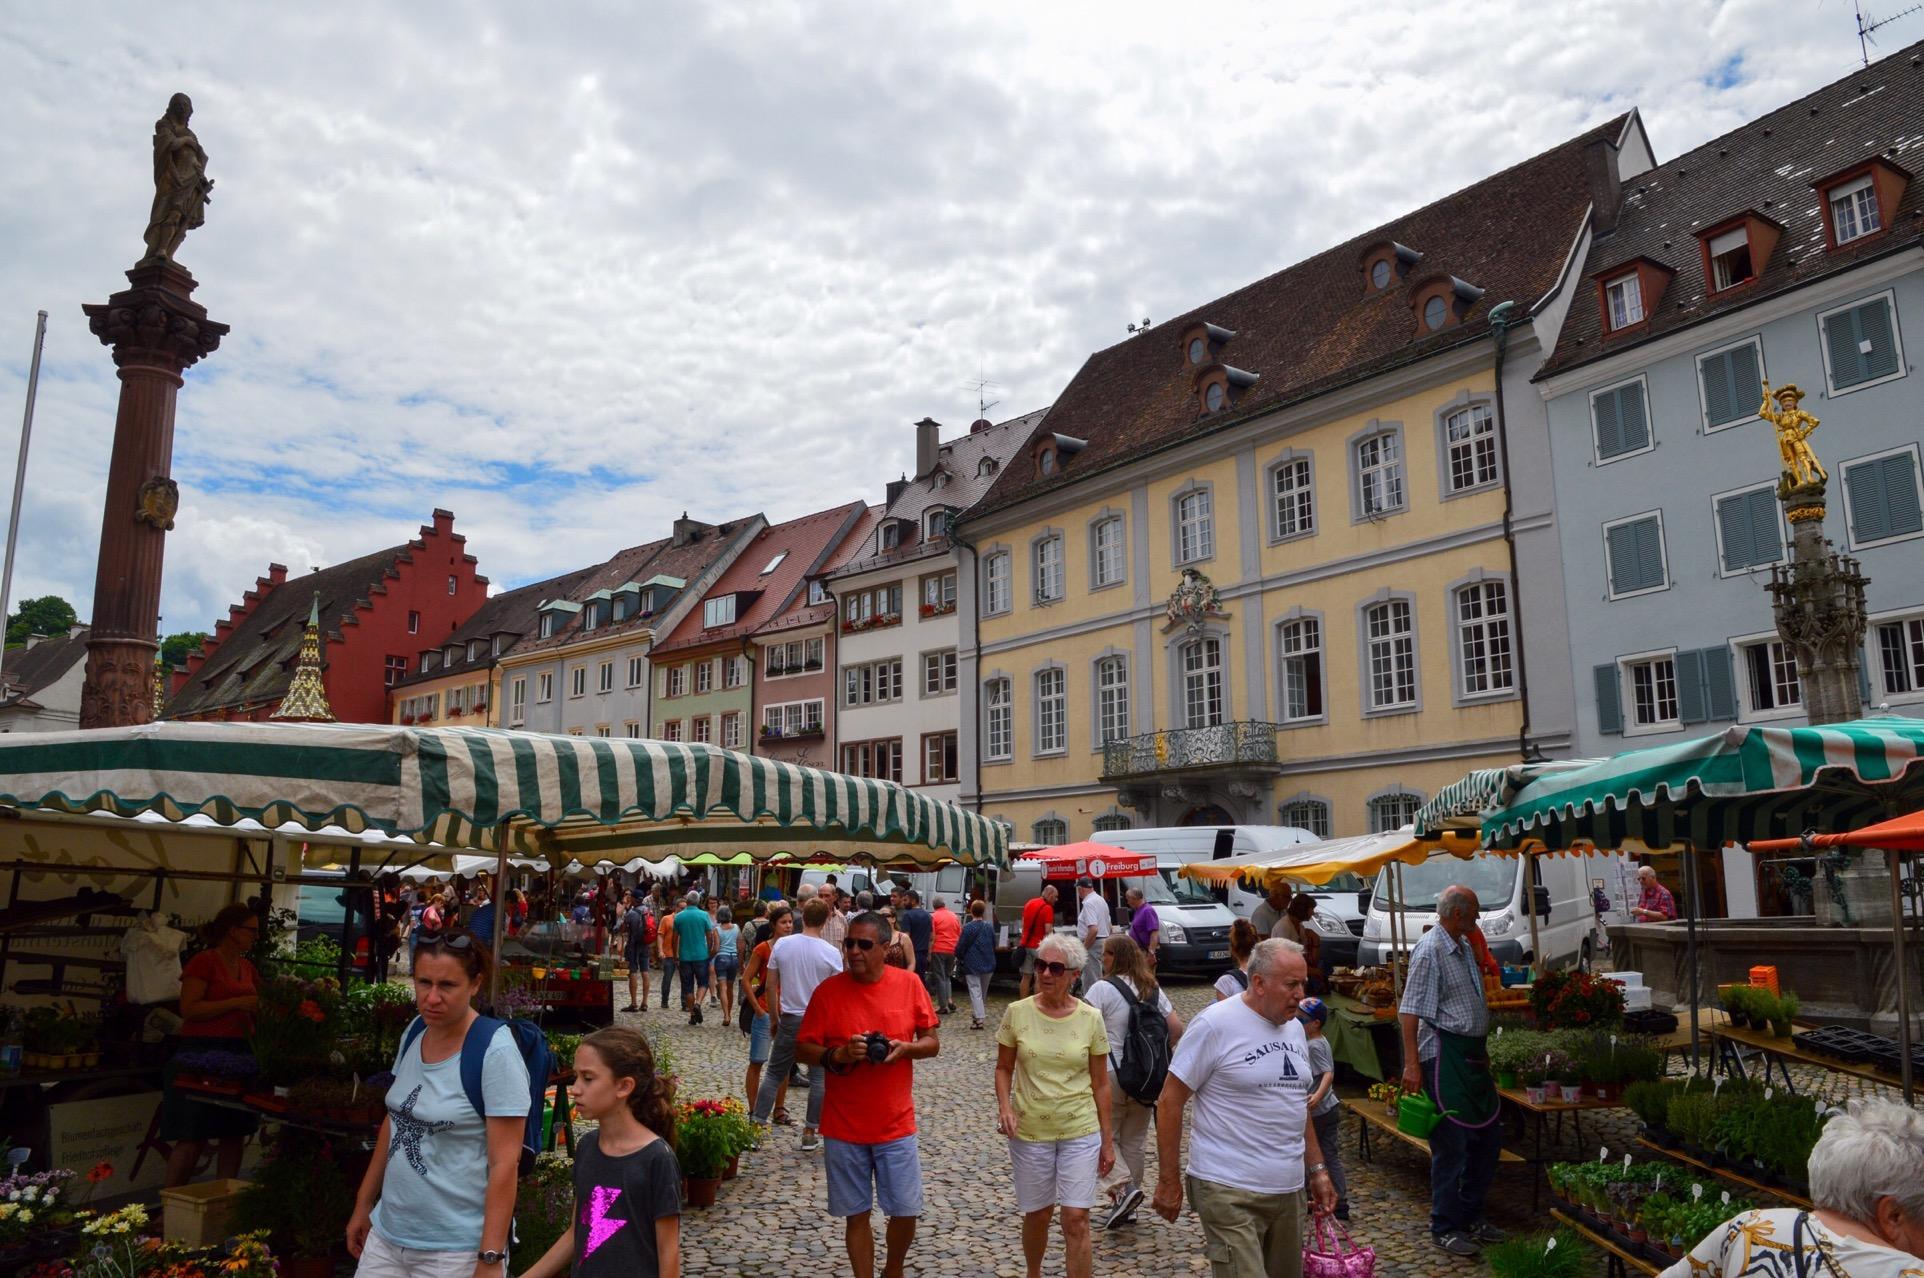 Münsterplatz, Freiburg, Germany